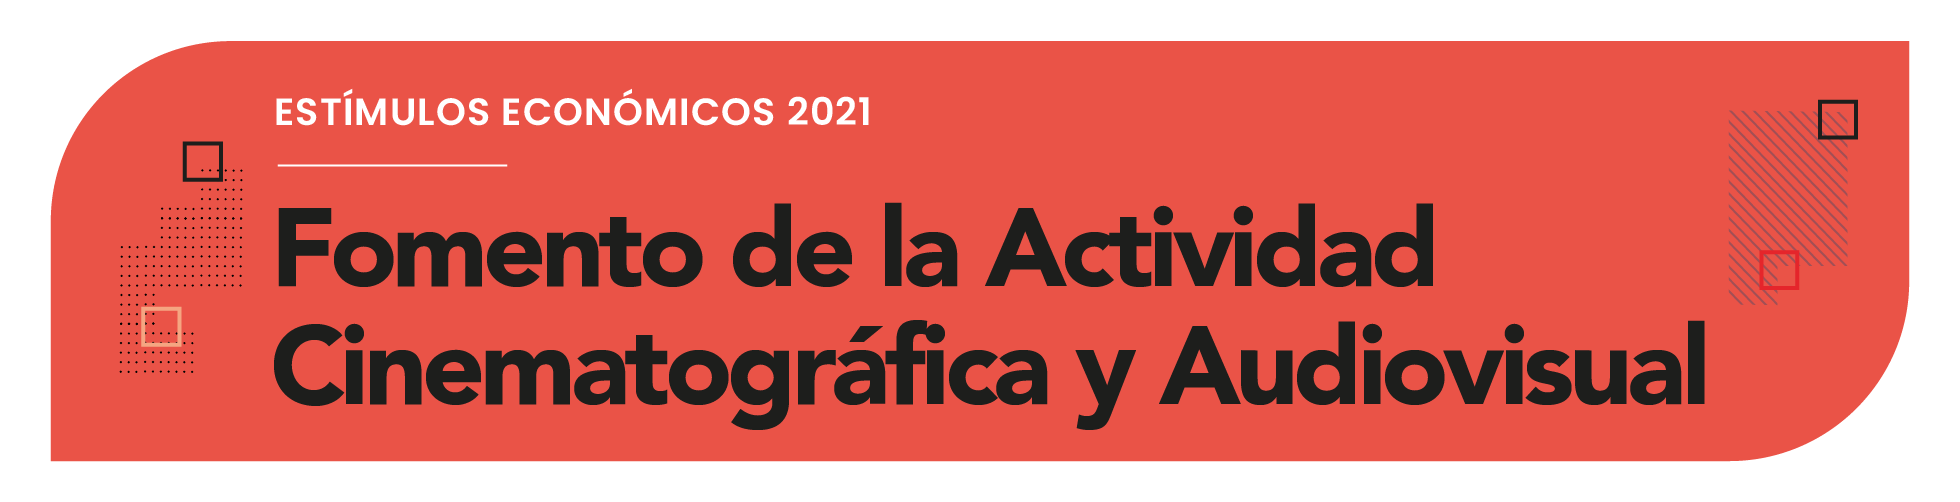 Botón Estímulos Económicos 2021